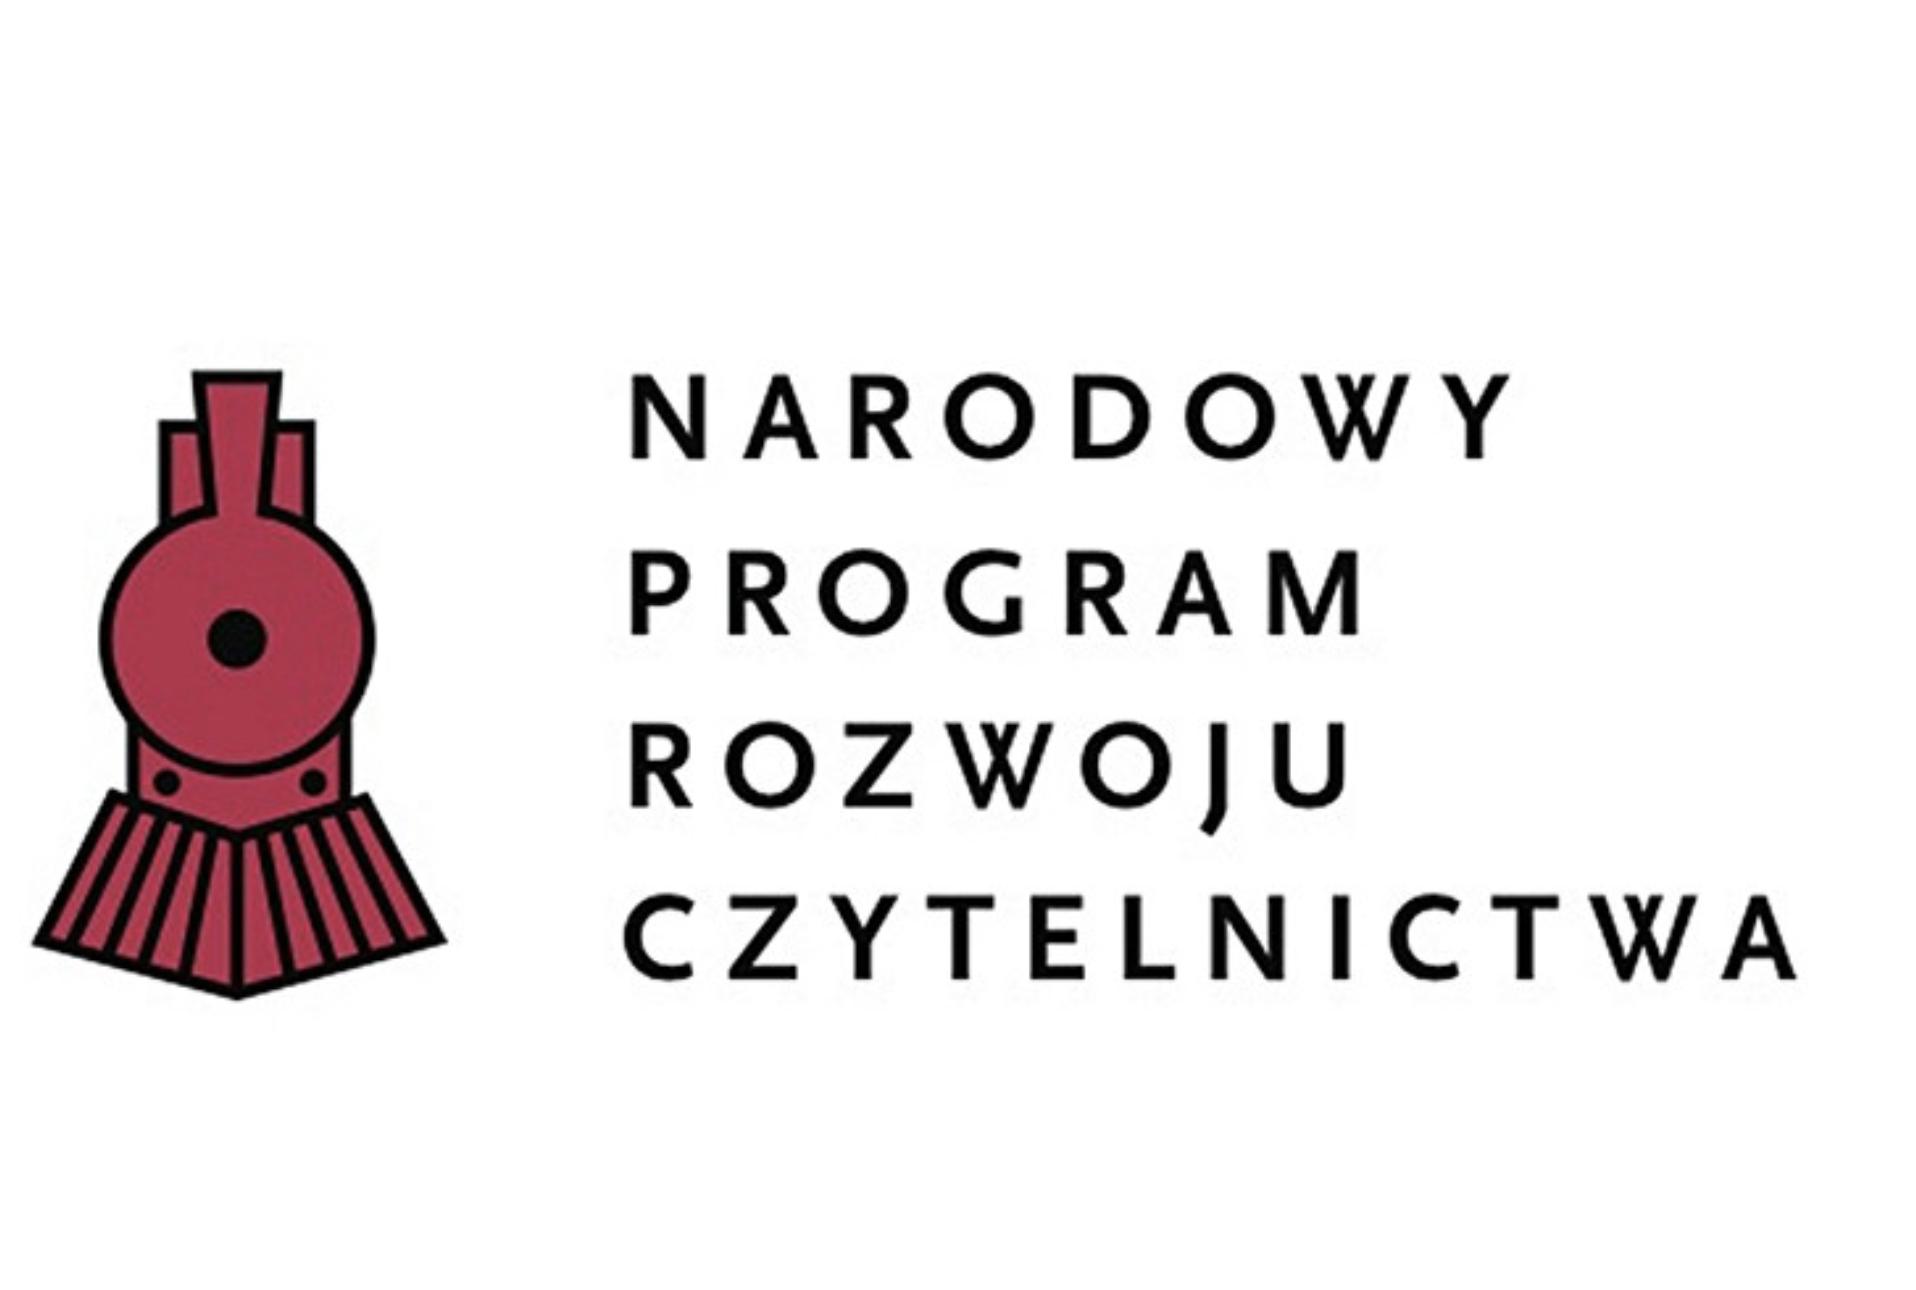 logotyp narodowego programu rozwoju czytelnictwa. białe tło z czarnym napisem, po lewej stronie uproszczony rysunek czerwonej lokomotywy